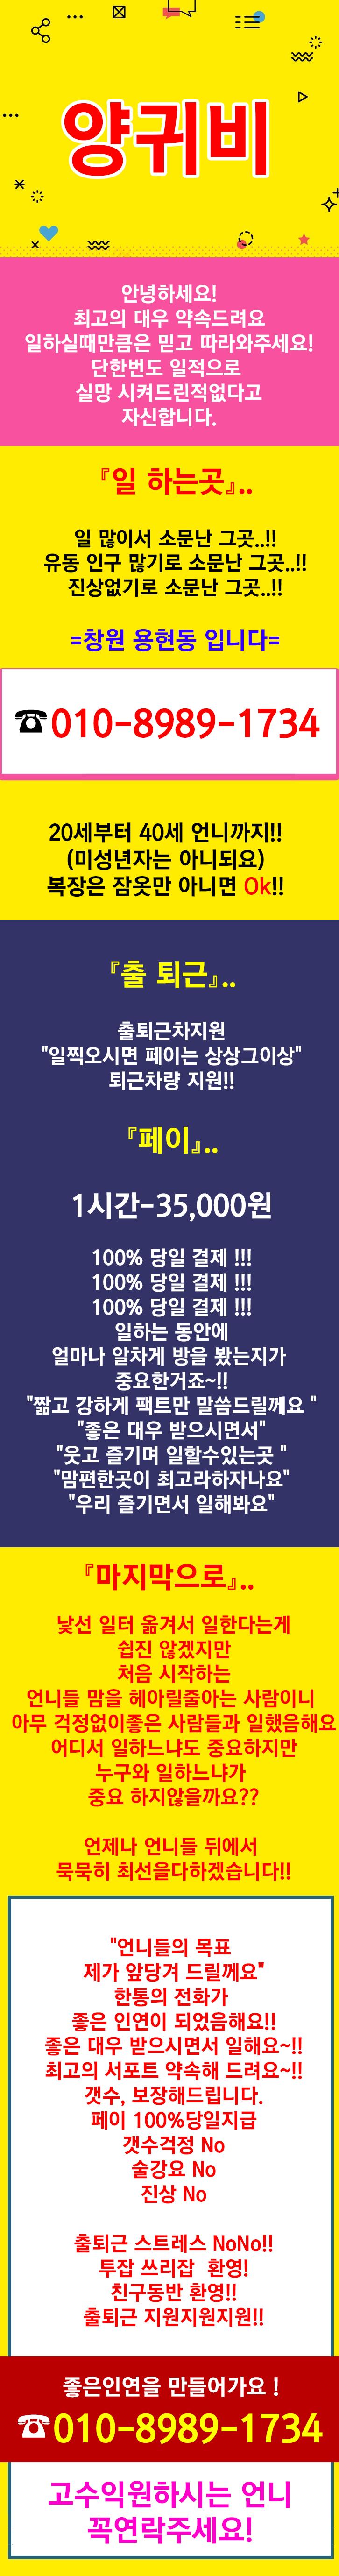 .경남 창원 양귀비 노래방.png